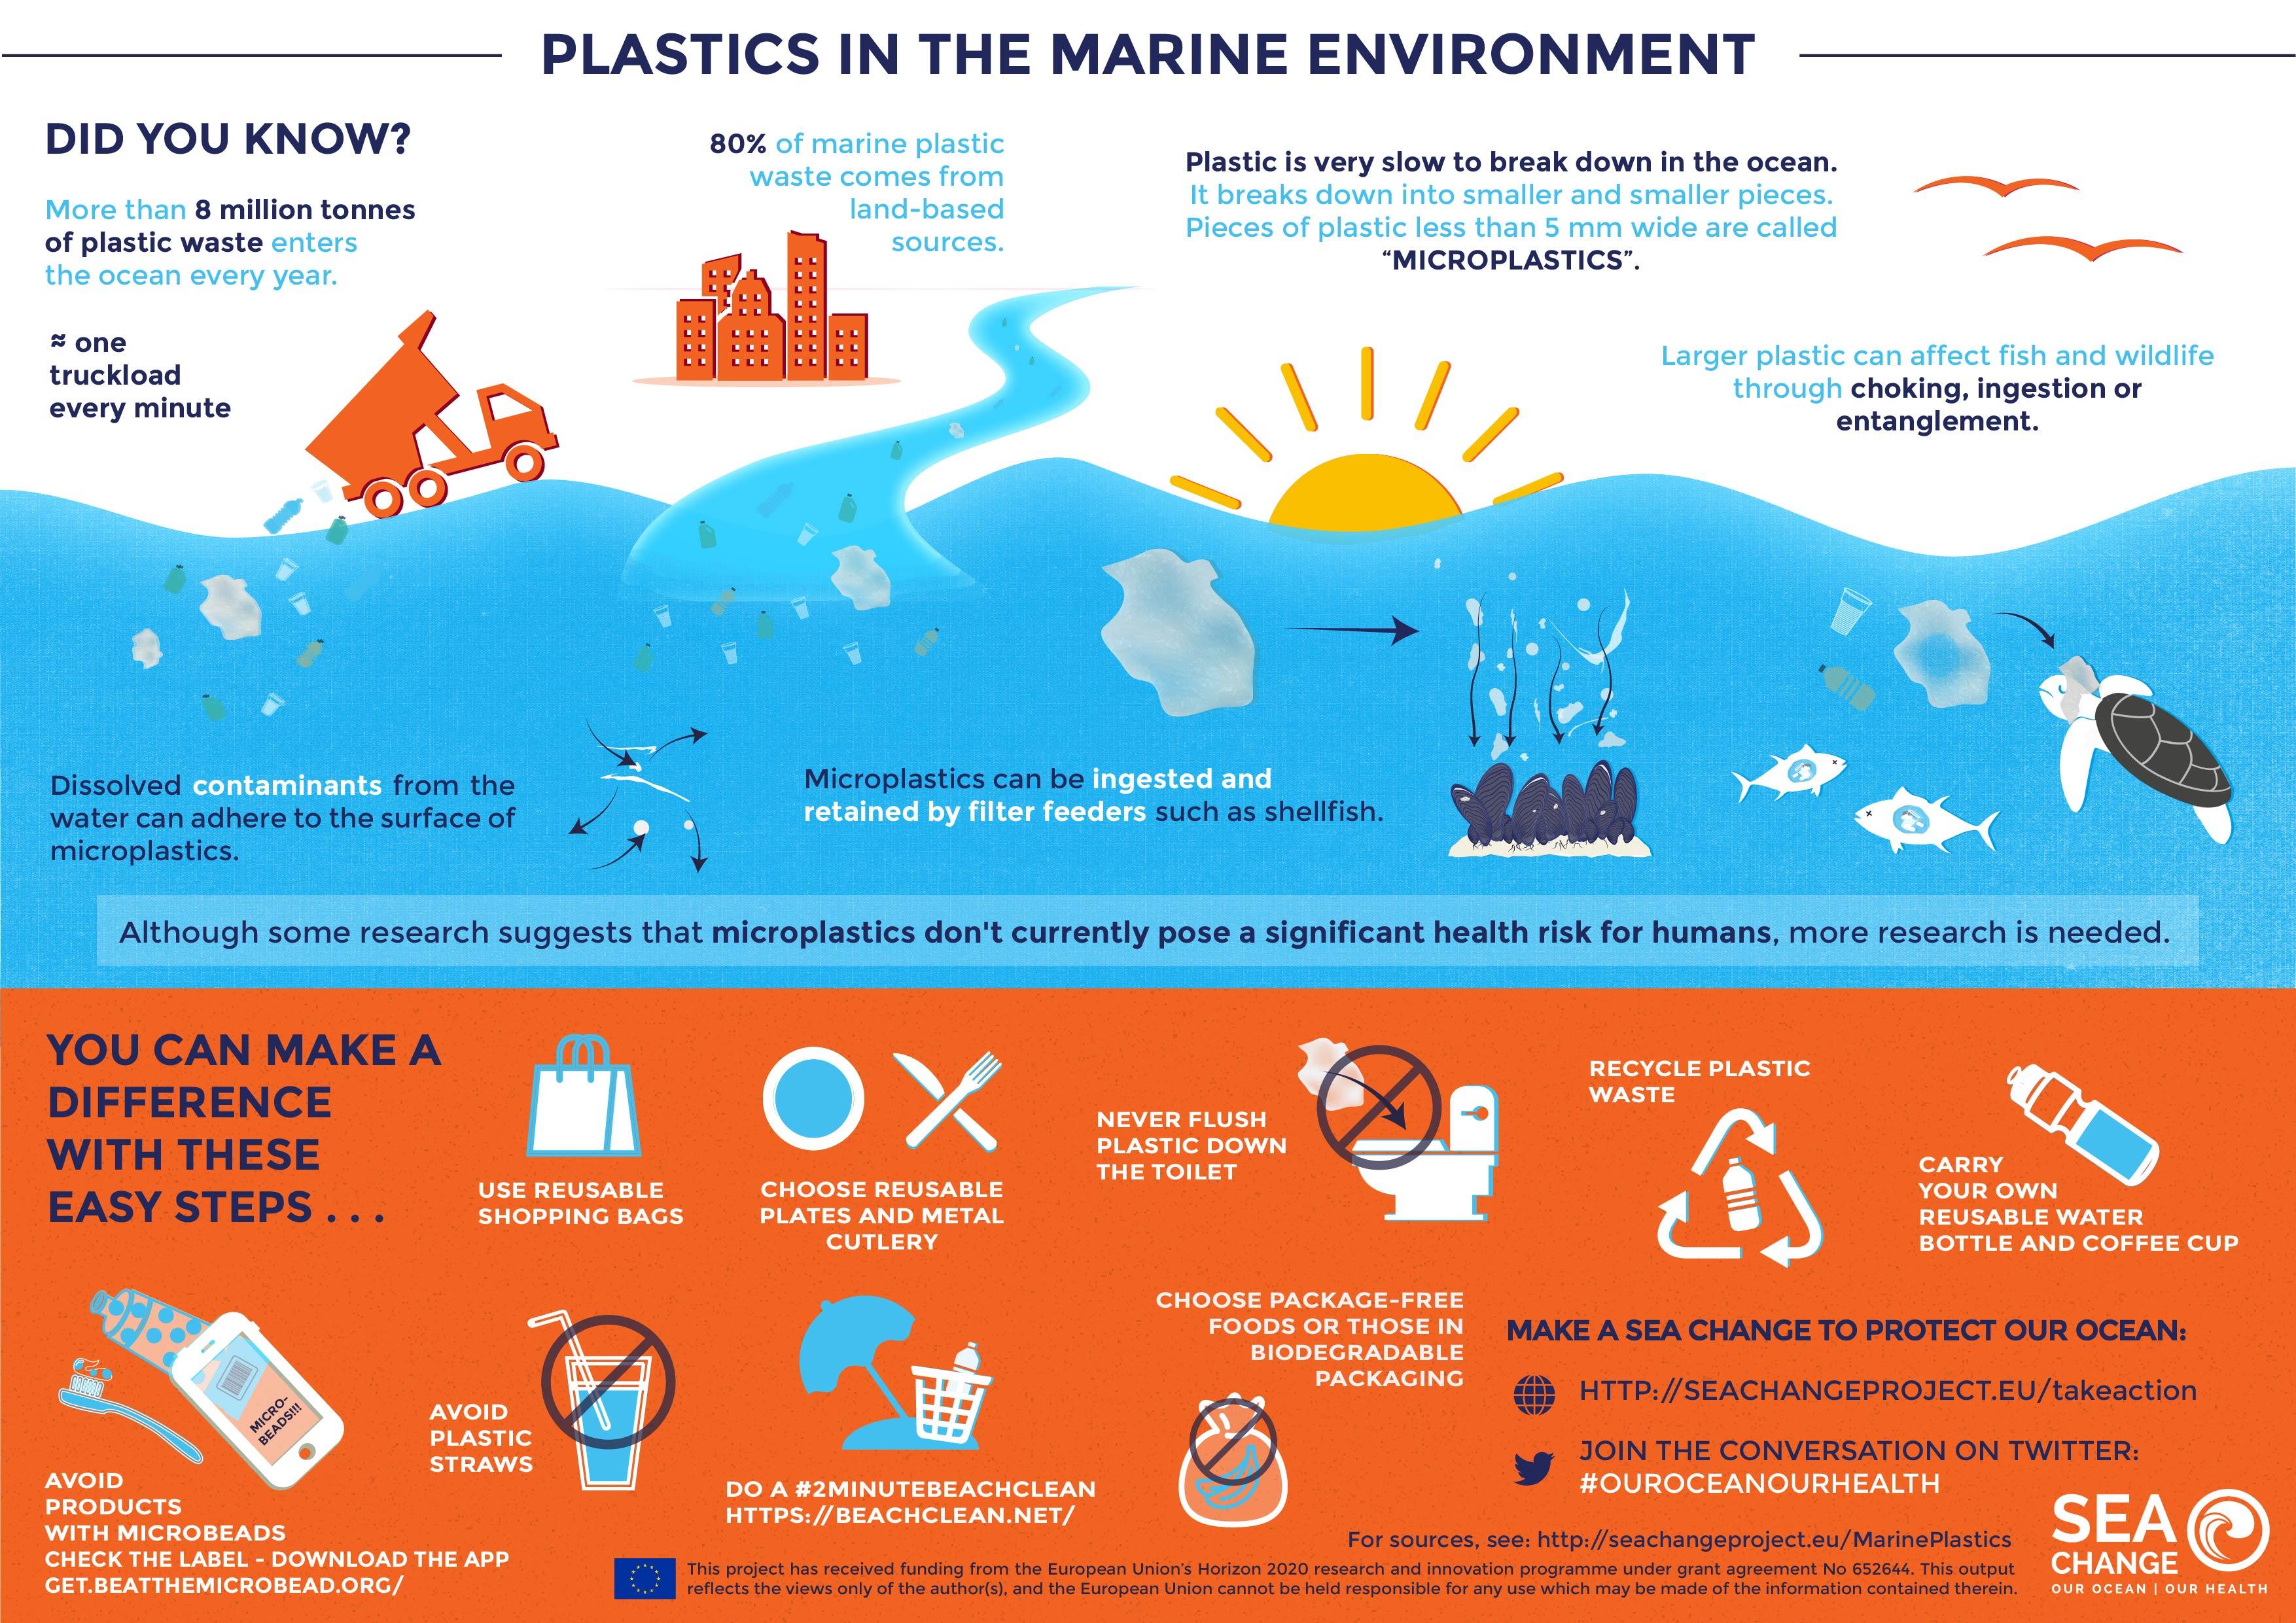 Plastics in the marine environment, oceans